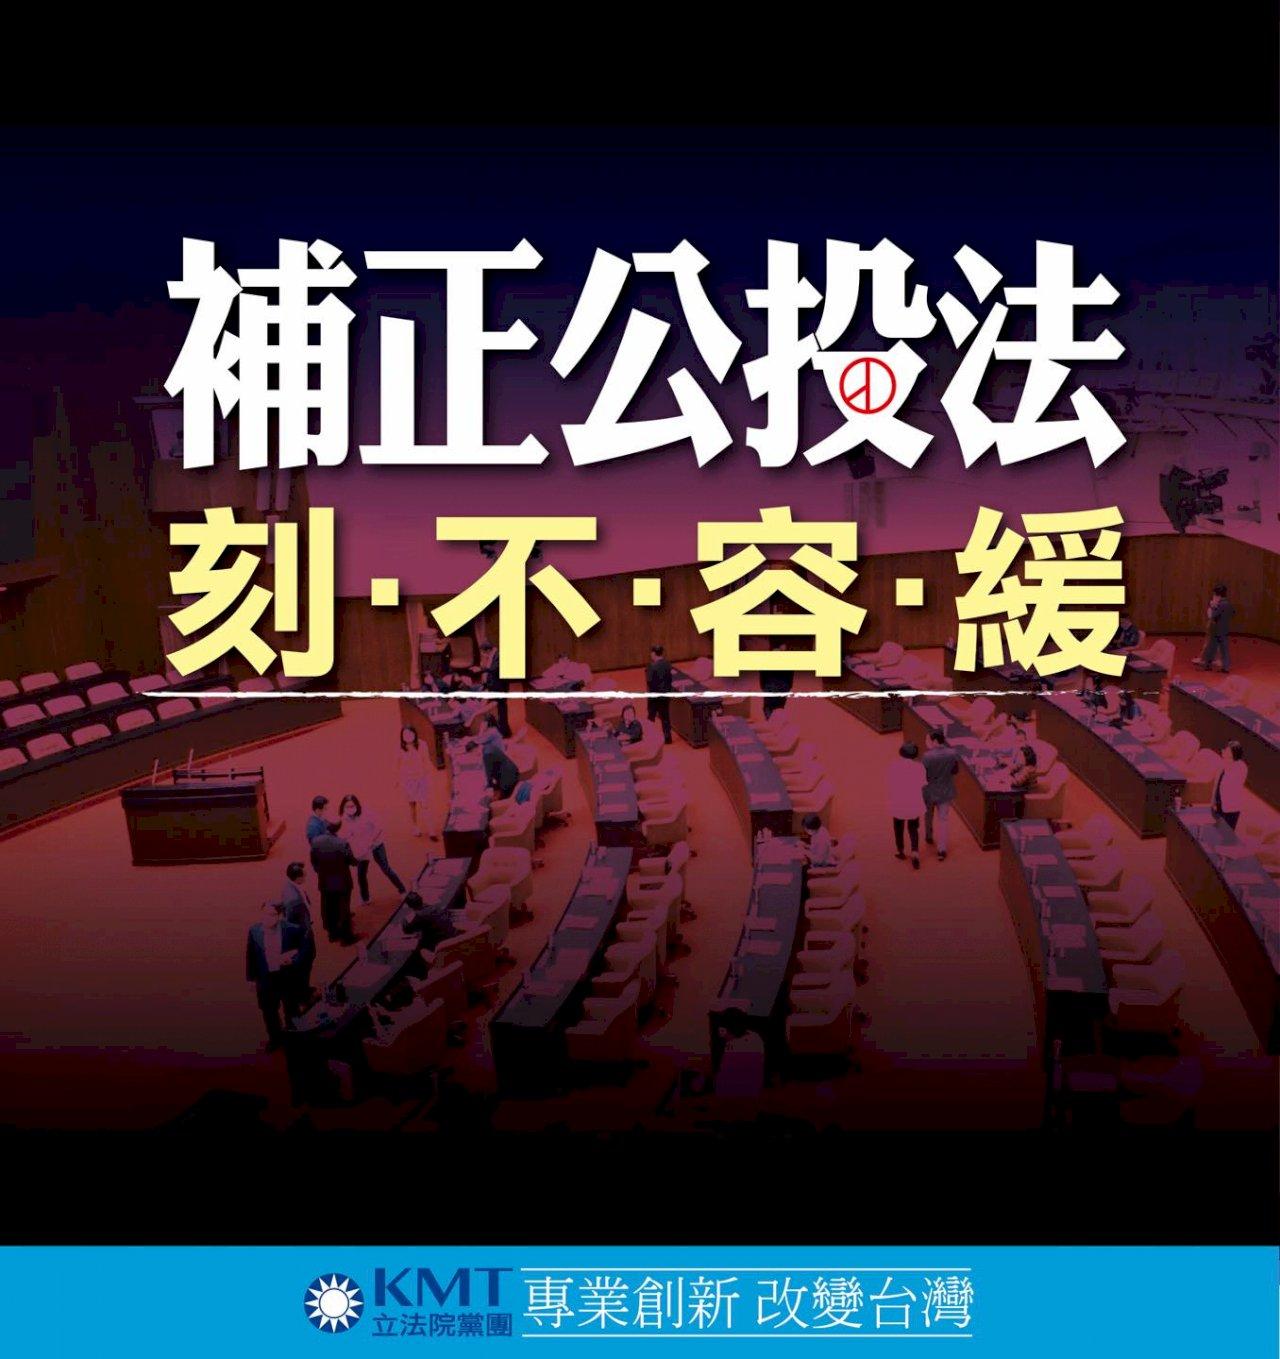 民進黨團反對開臨時會處理不在籍投票 藍營:強烈抗議及譴責